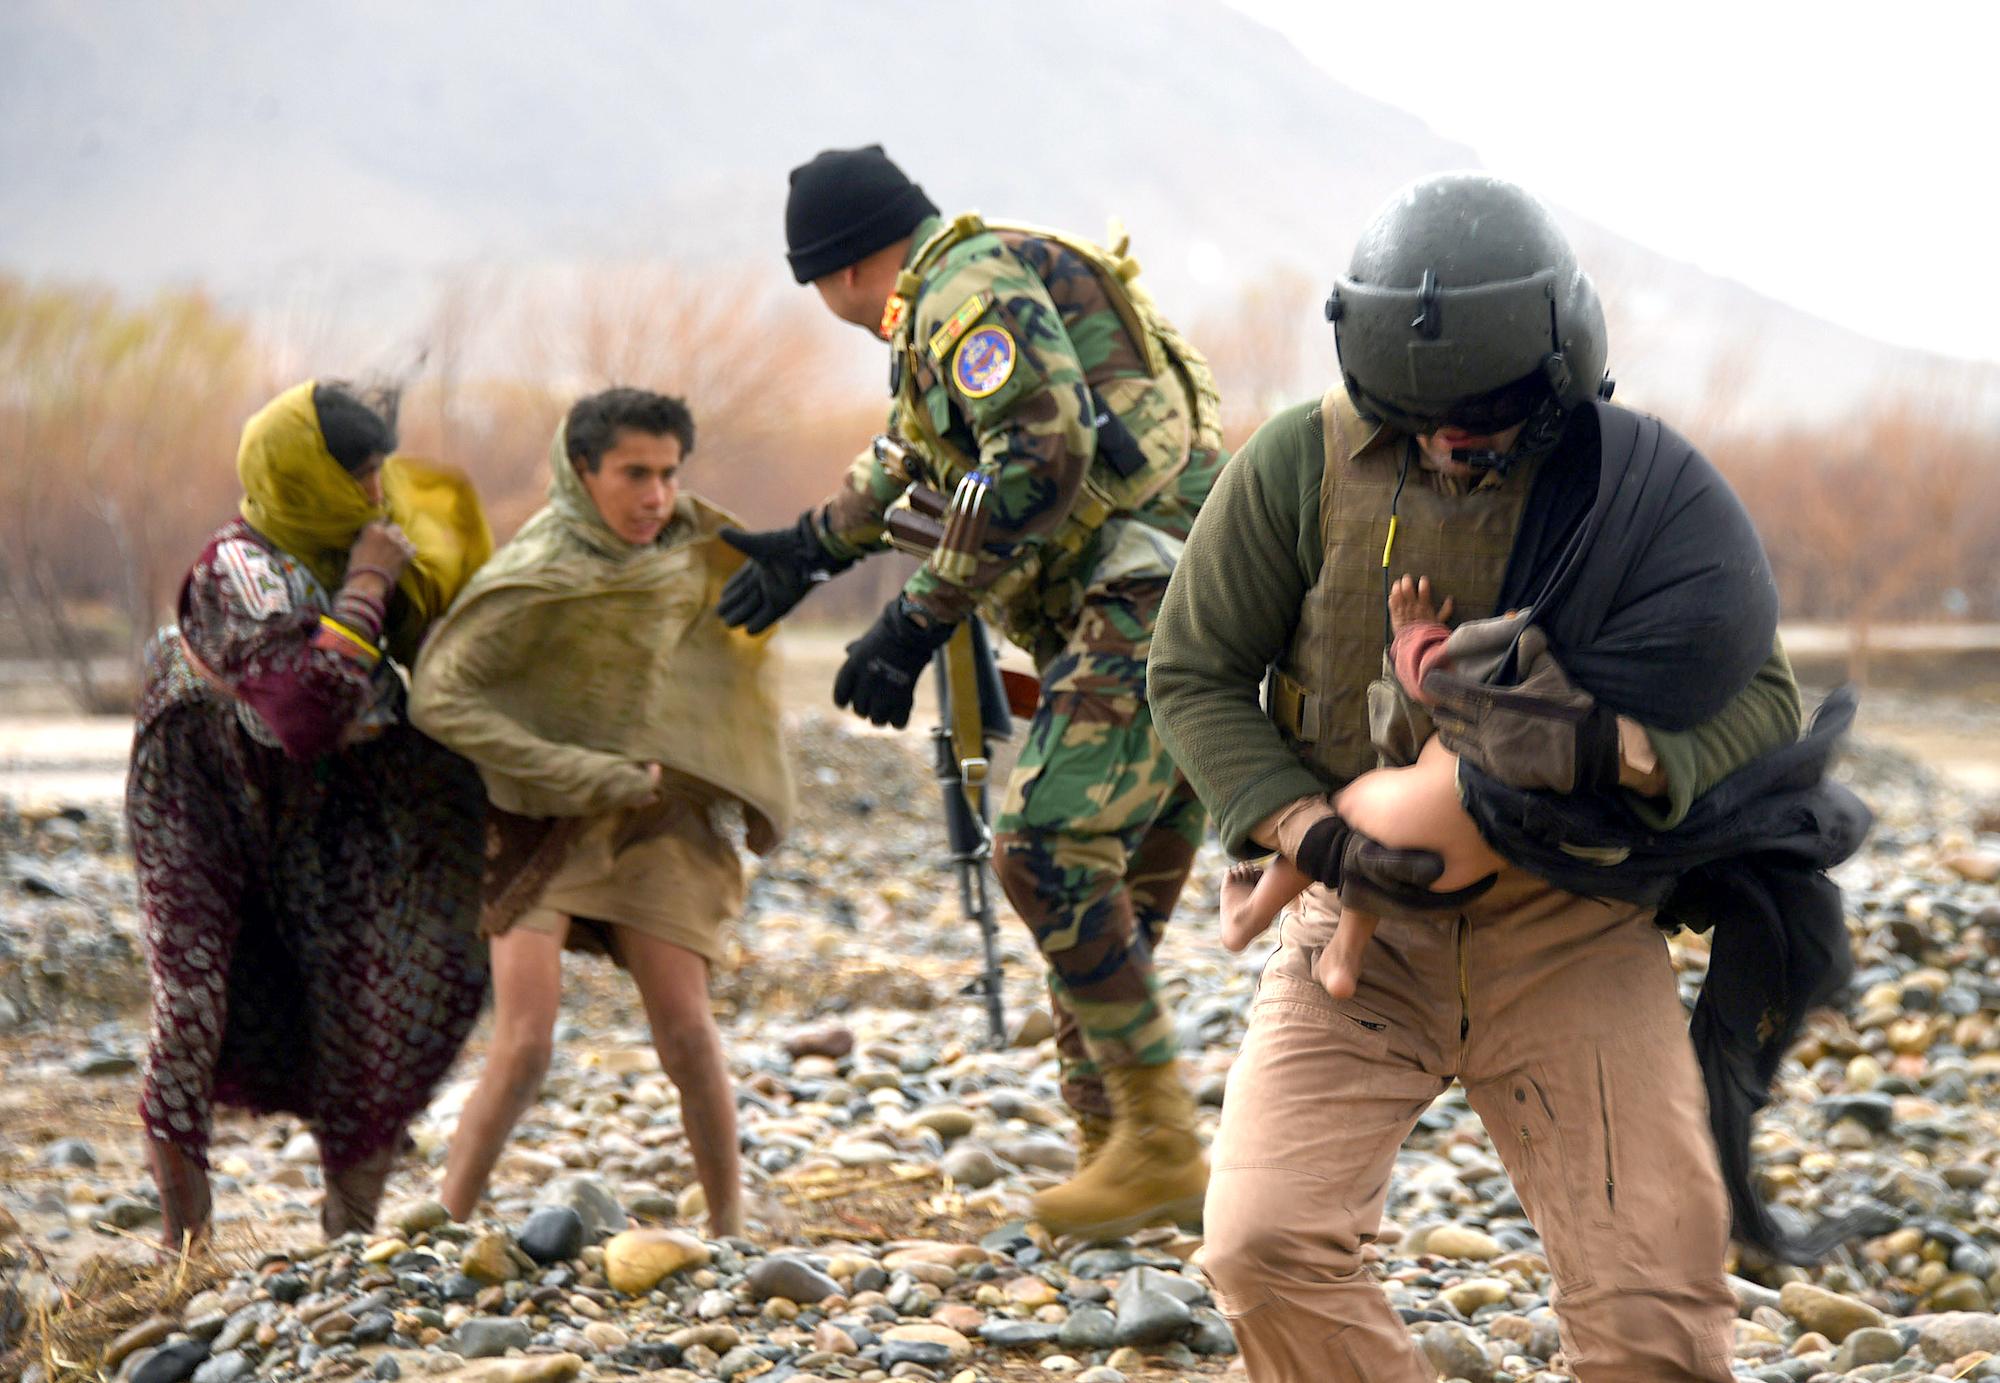 در عکس ها: نیروهای افغان فامیل های گرفتار سیلاب در قندهار را نجات می دهند